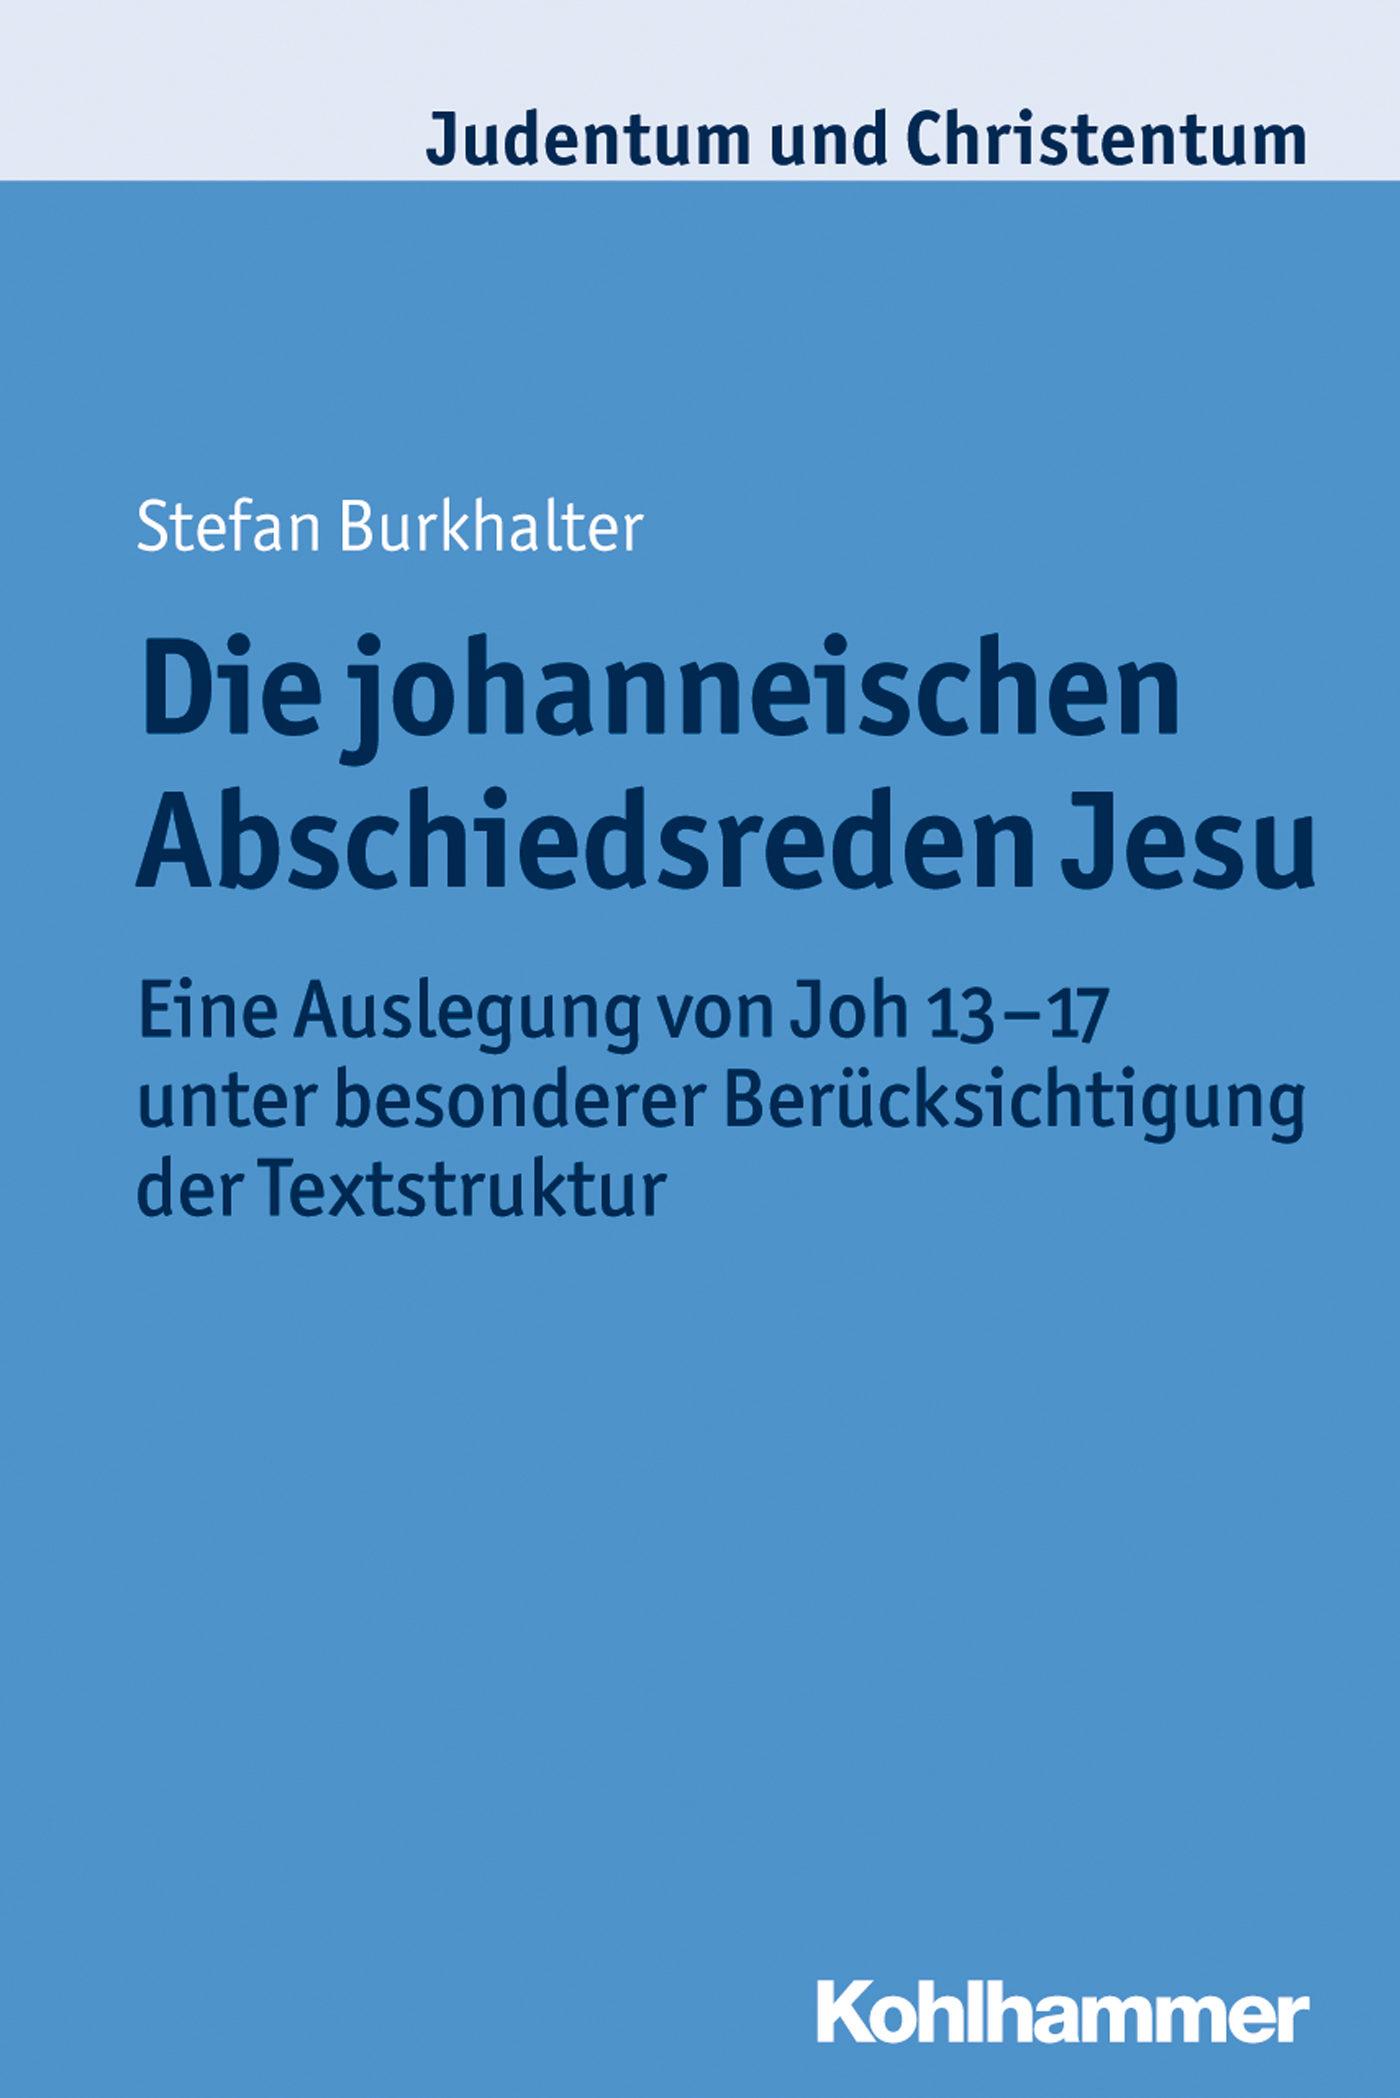 Libros epub gratuitos para descargar en el Reino Unido «Die Johanneischen Abschiedsreden Jesu»